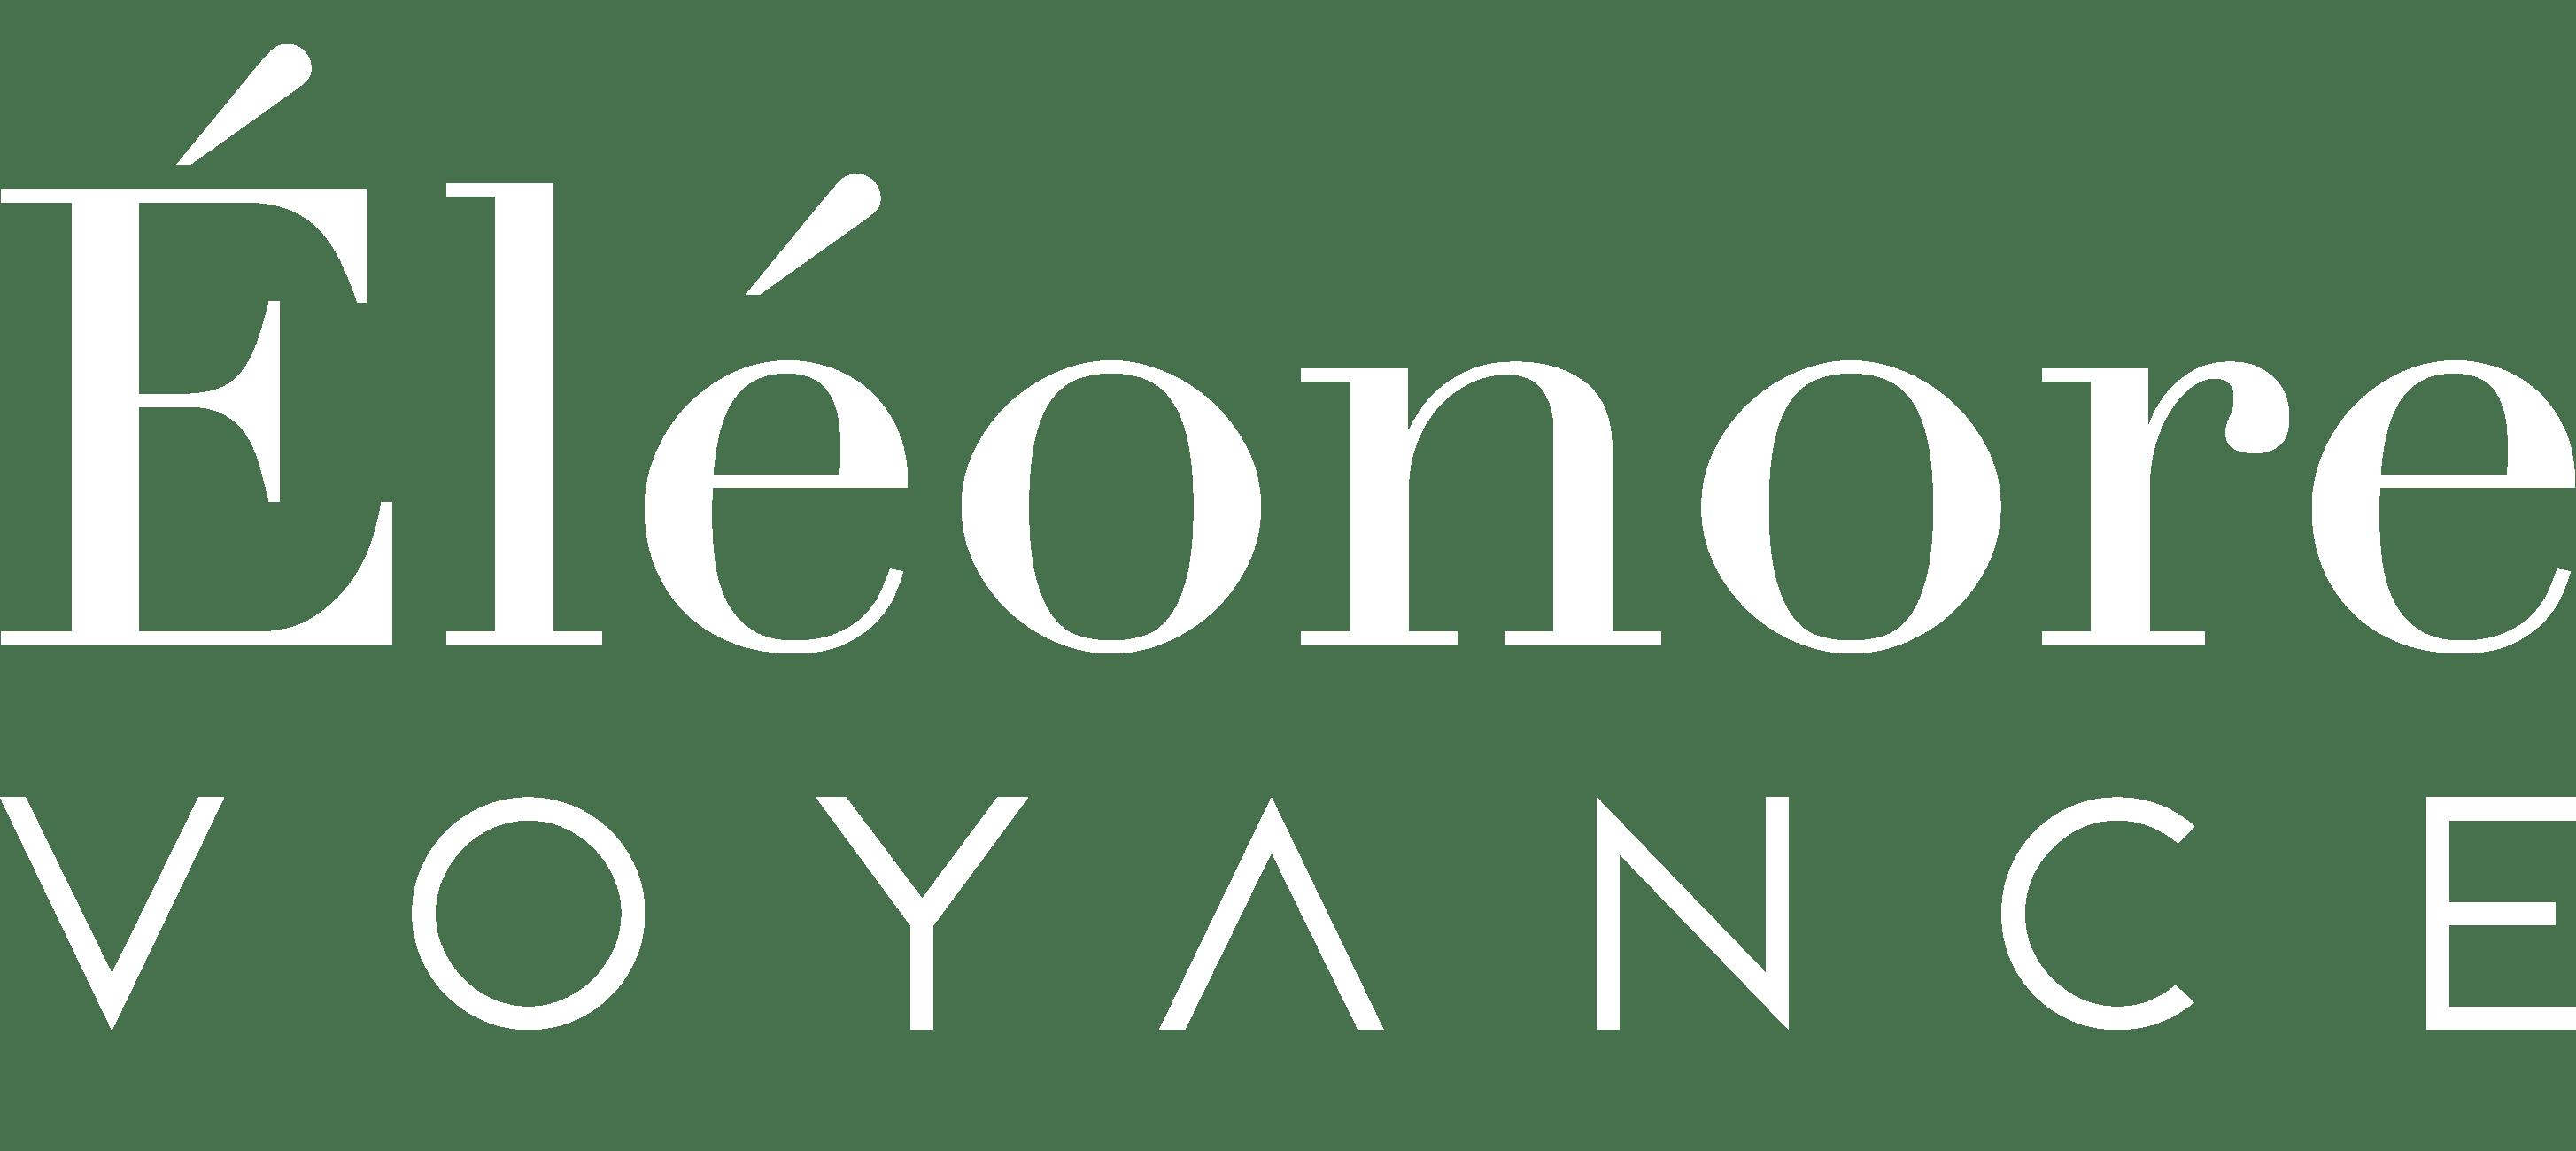 Éléonore Voyance